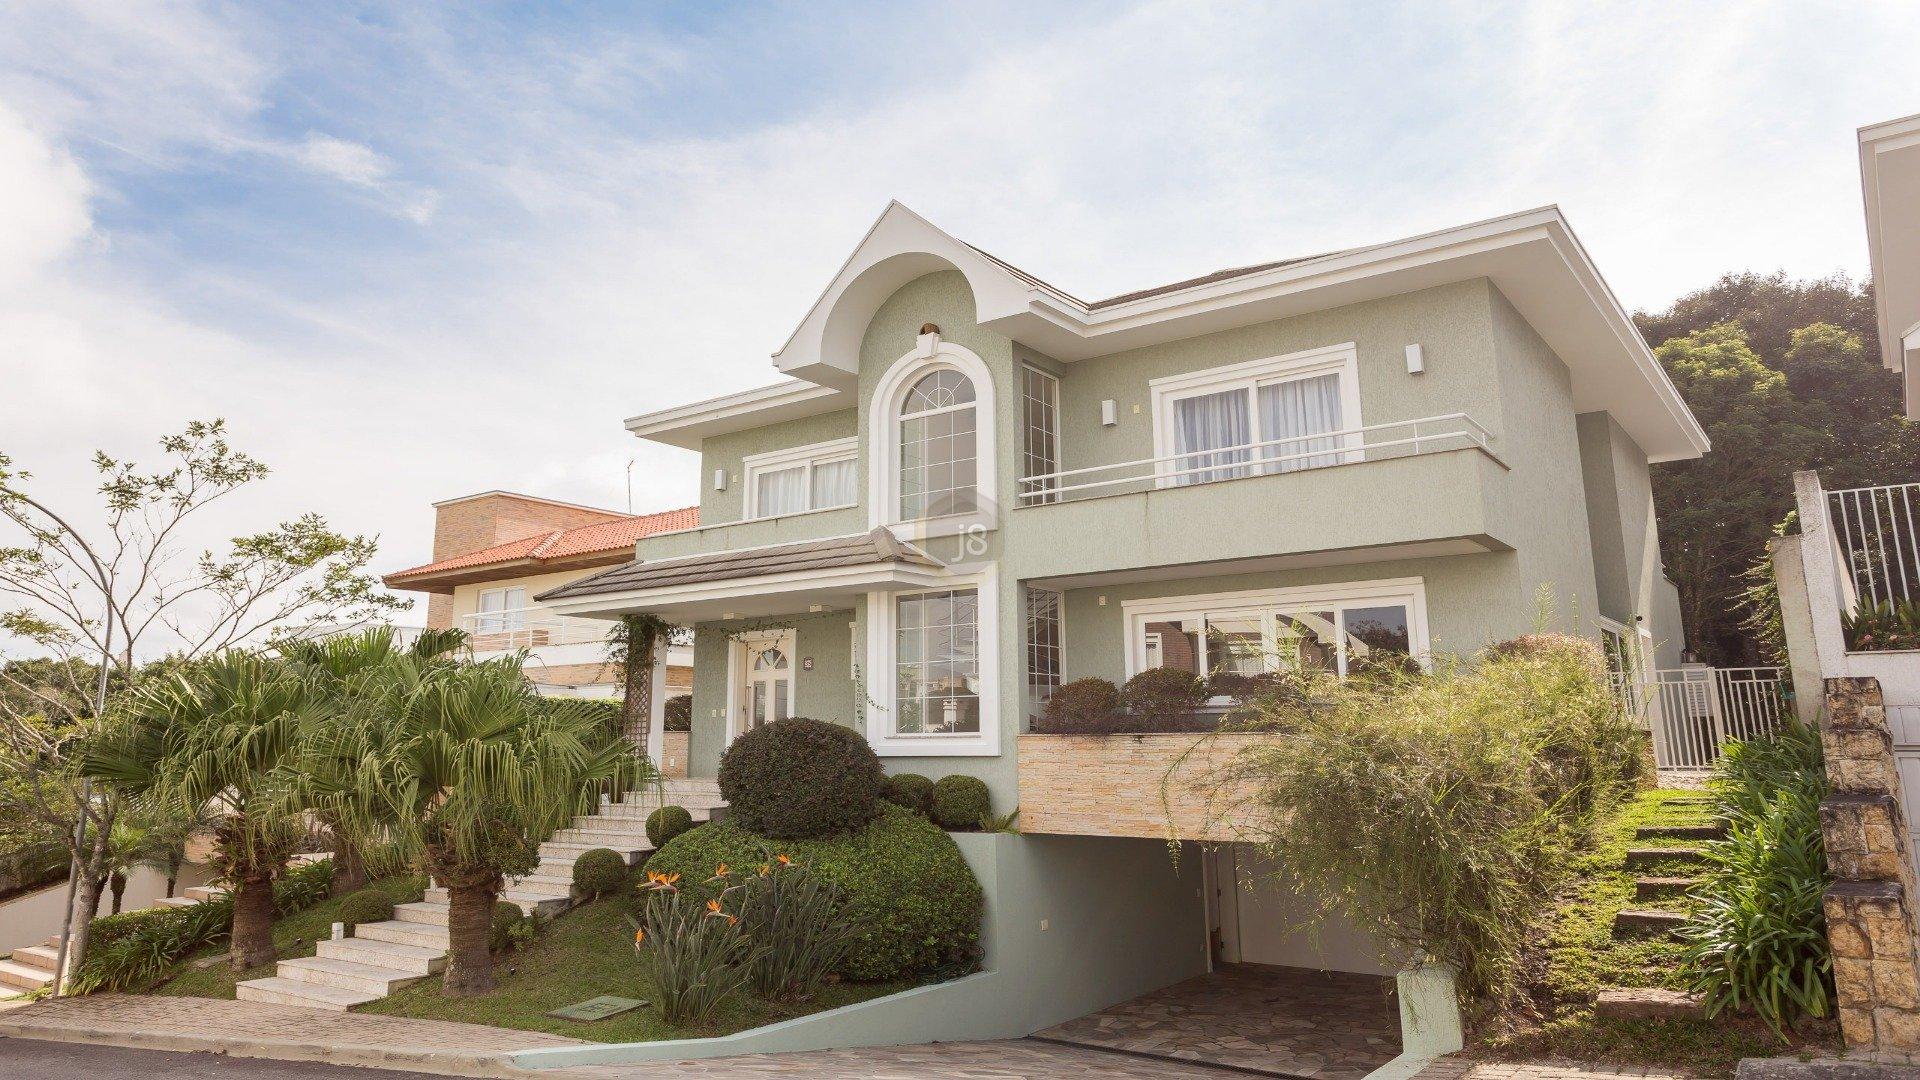 Foto de destaque Aconchegante casa com um belo terreno e pomar dentro de condomínio!